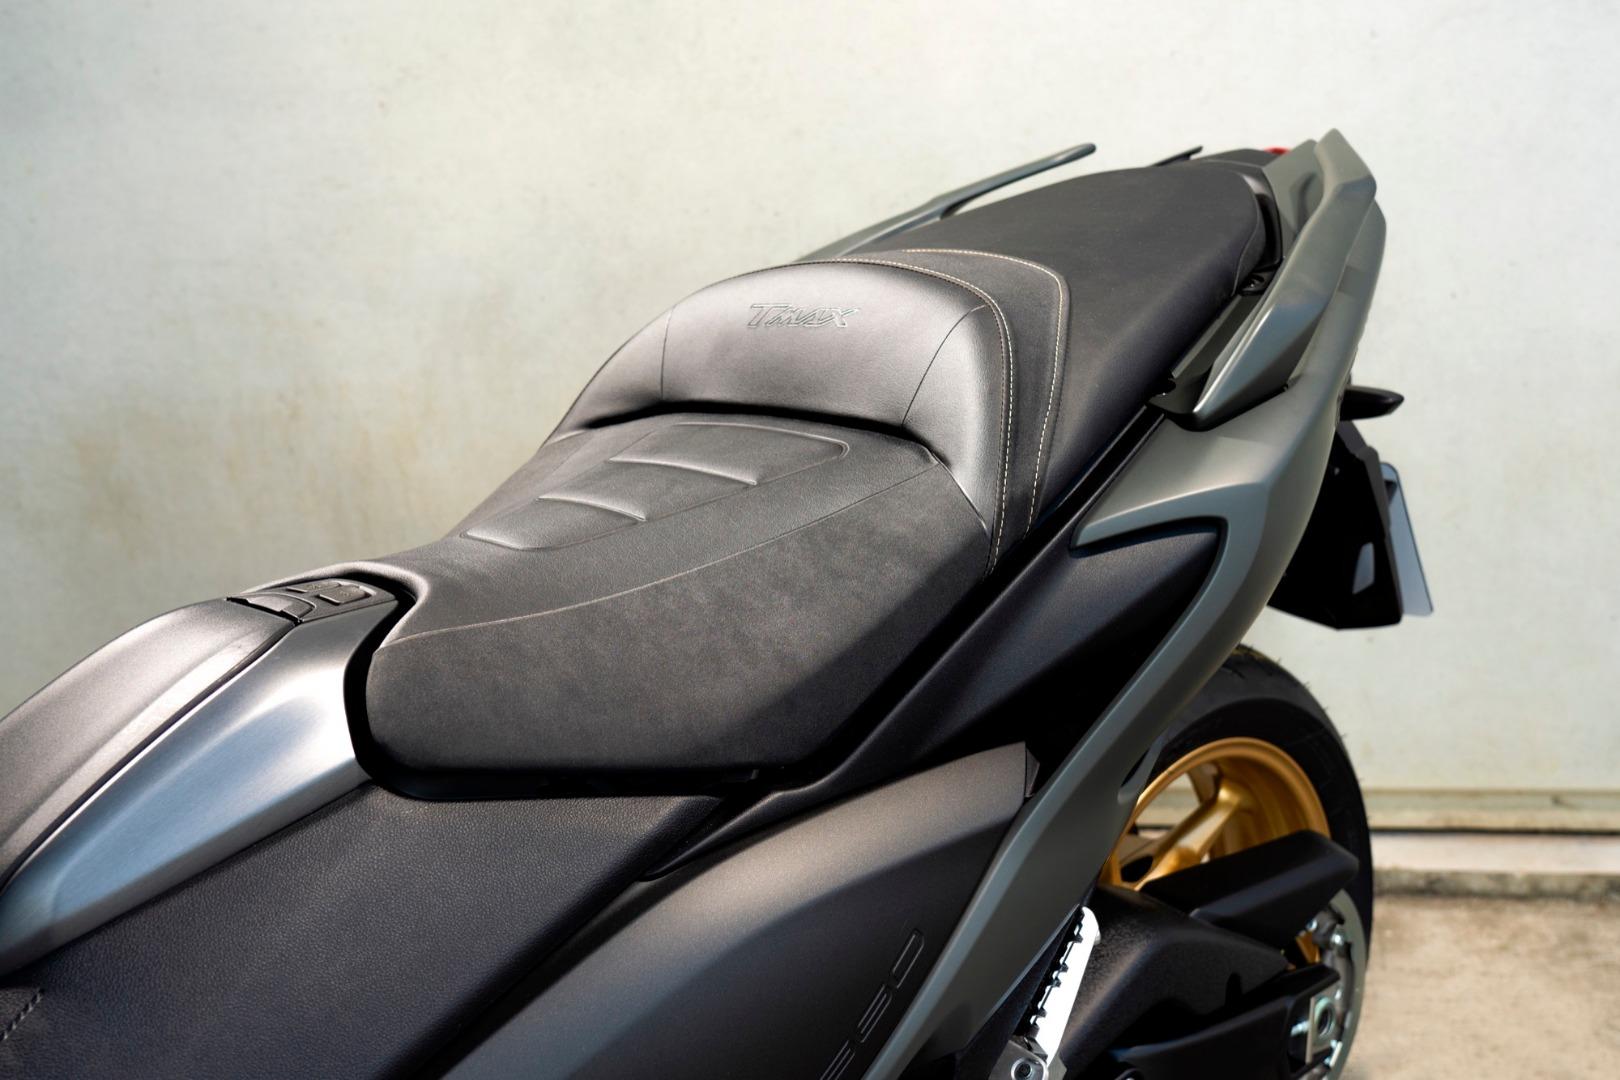 Yamaha TMAX 560 2020 y Tech Max 2020, los nuevos scooters deportivos de Yamaha